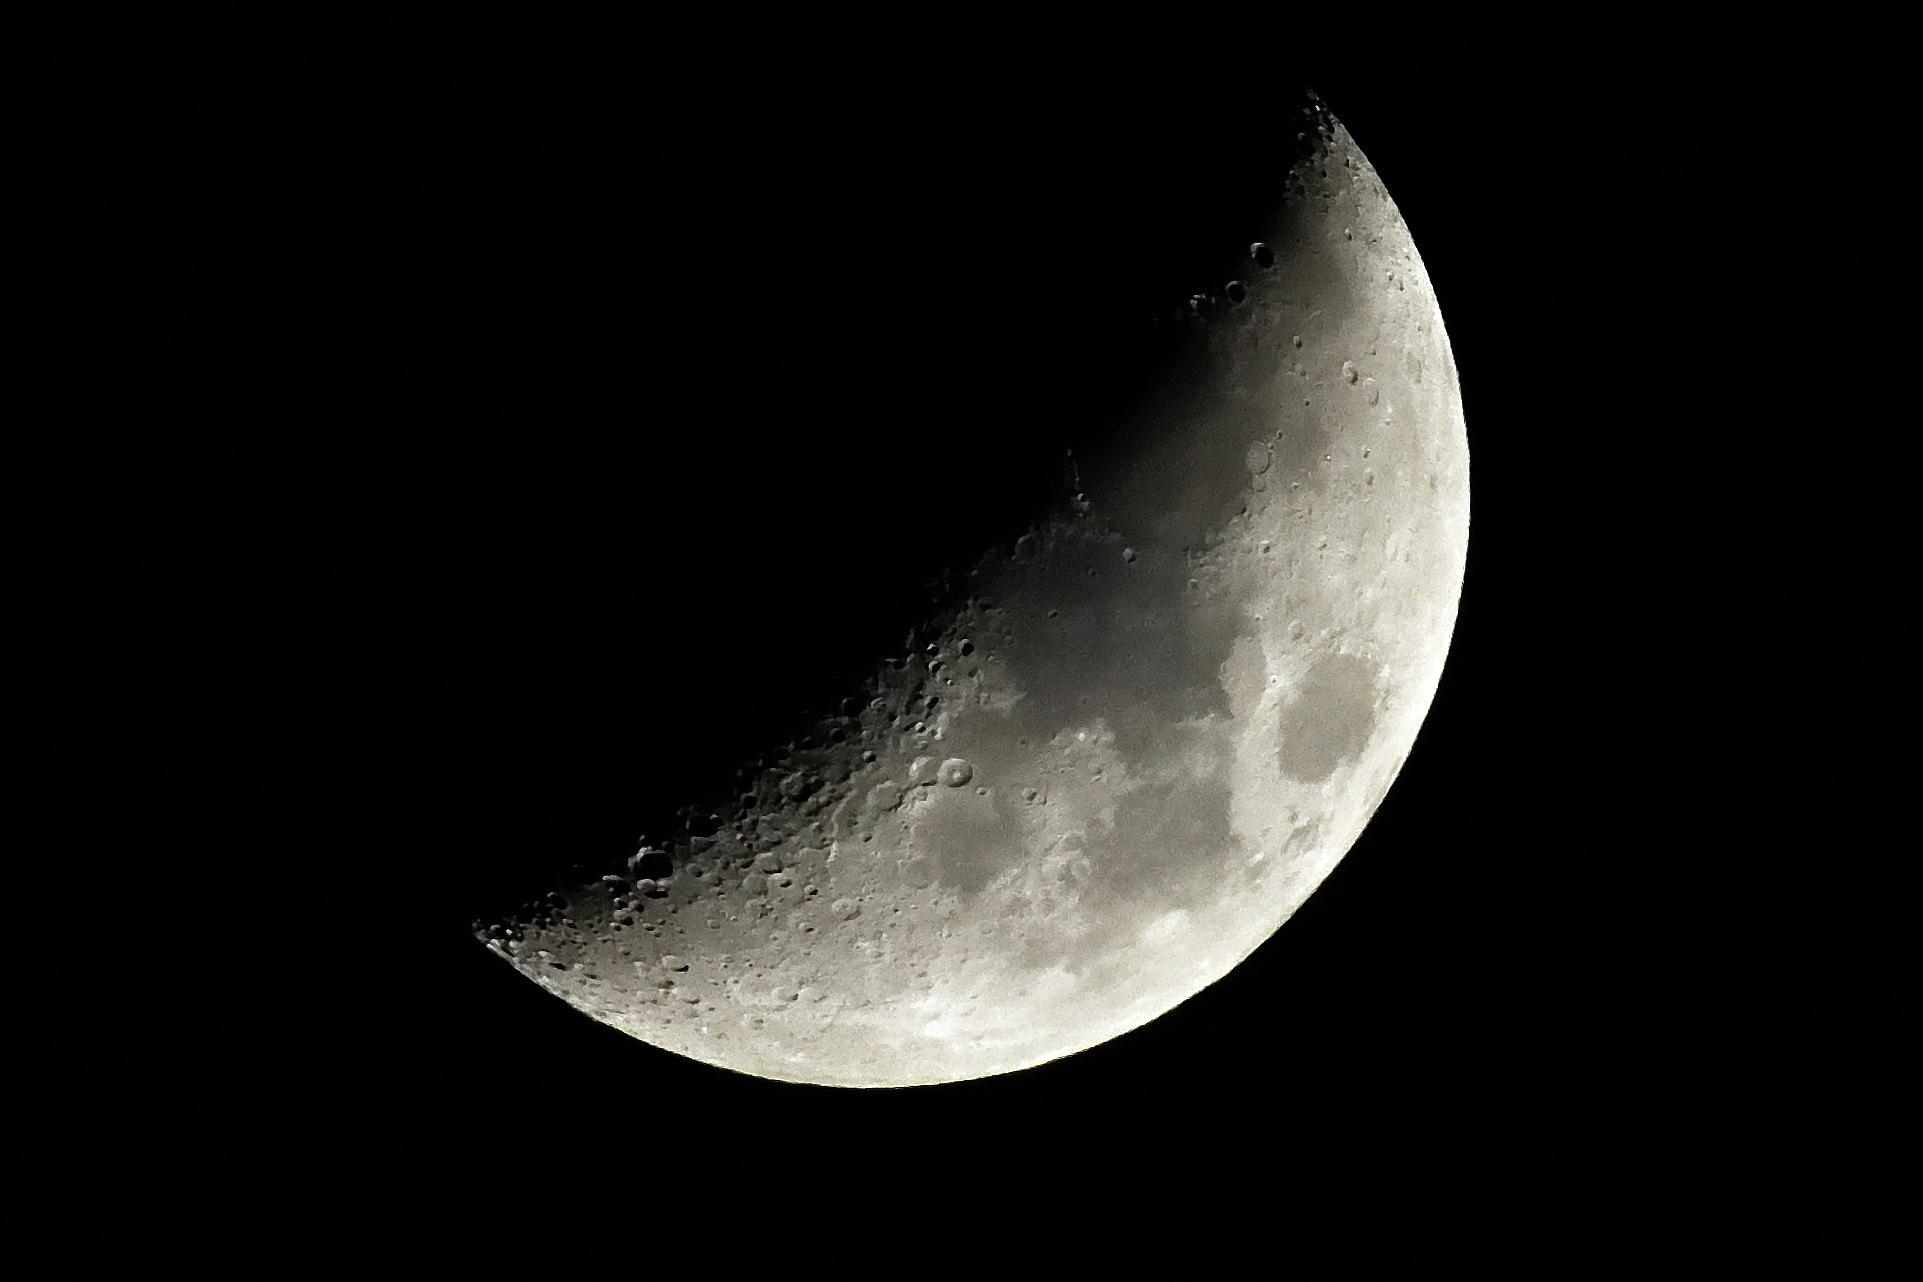 Moon 2 21Apr18 by Greg Knott